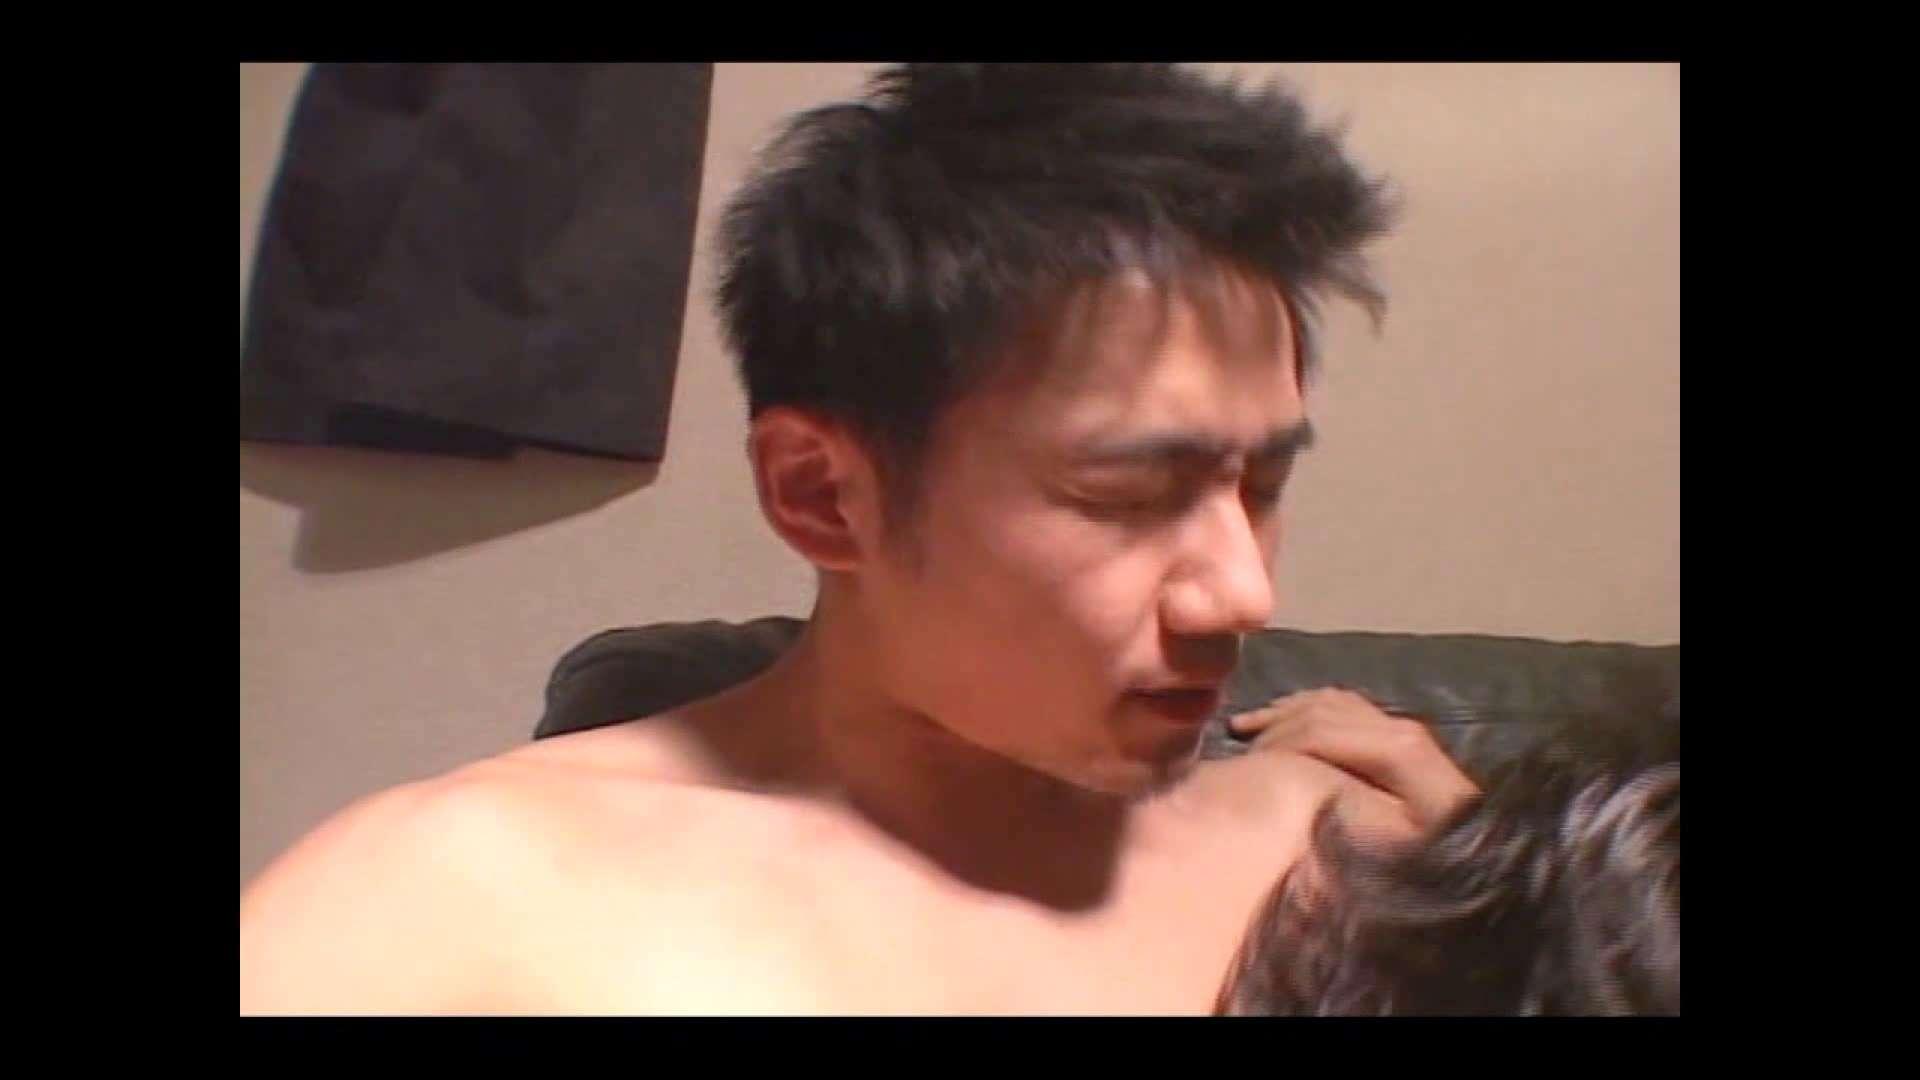 ノンケイケメンの欲望と肉棒 Vol.12 肉  104pic 16